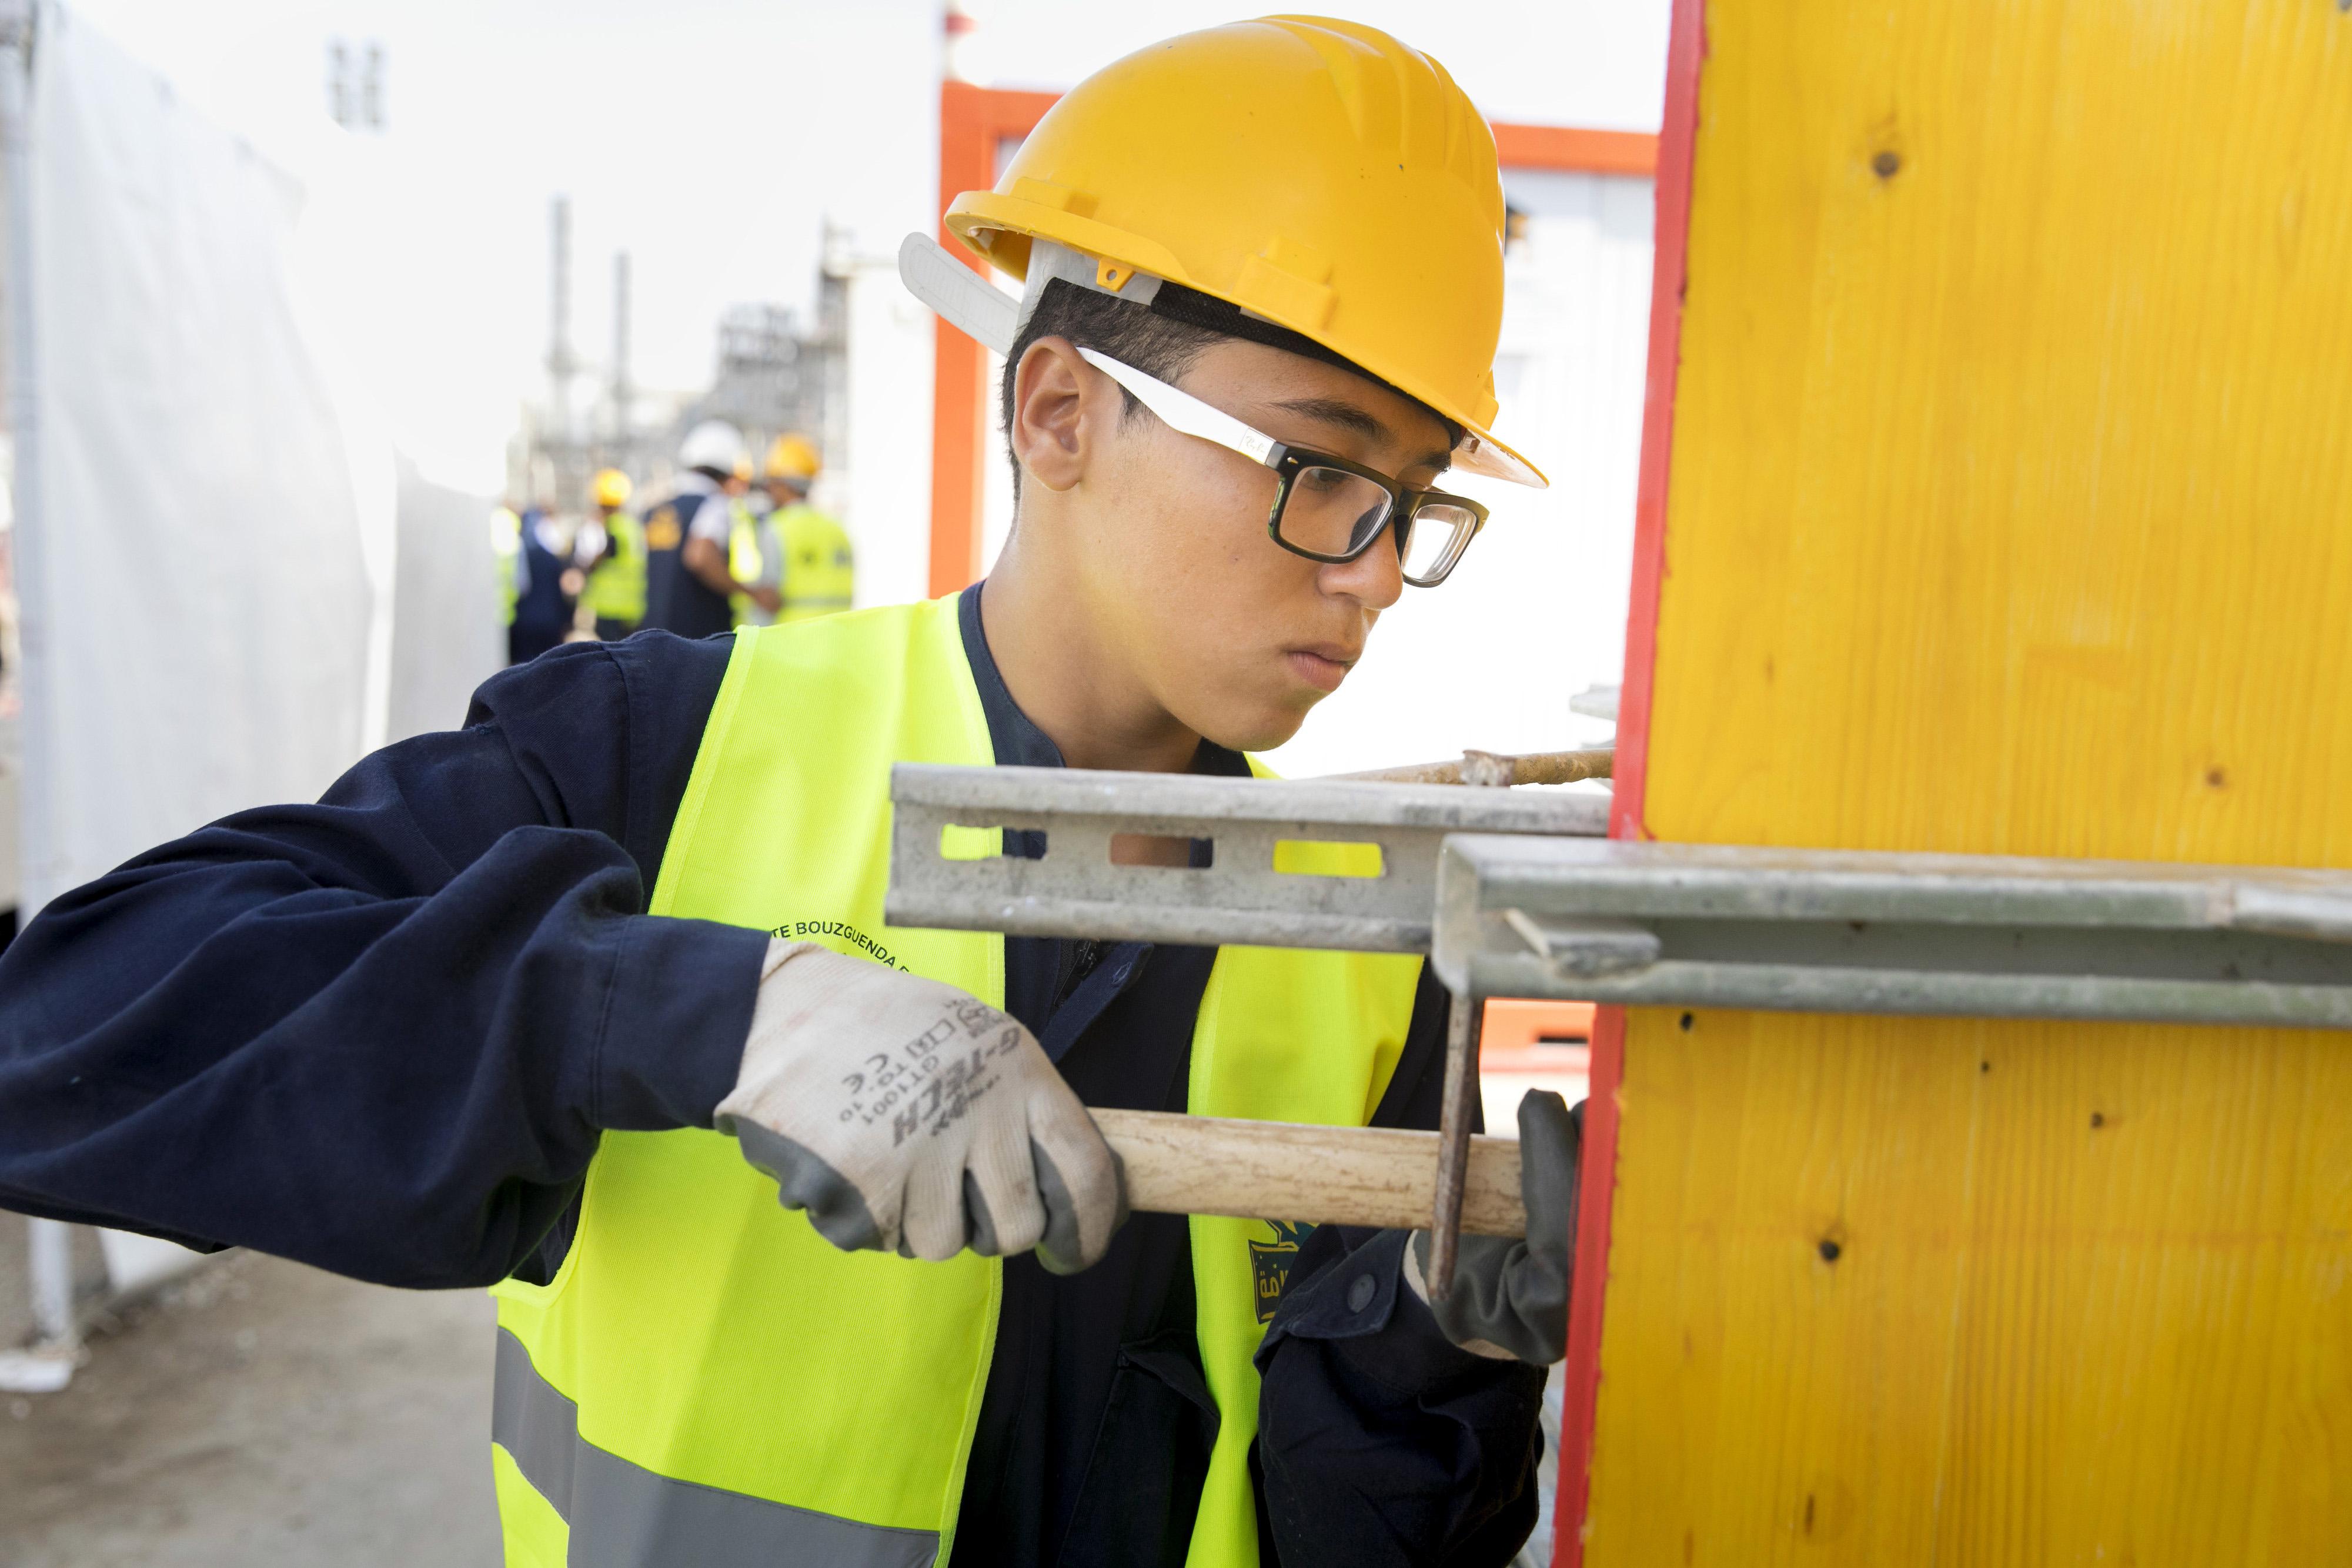 Ein Auszubildender im GIZ-Ausbildungscontainer in Tunis, in dem Handwerker ausgebildet werden